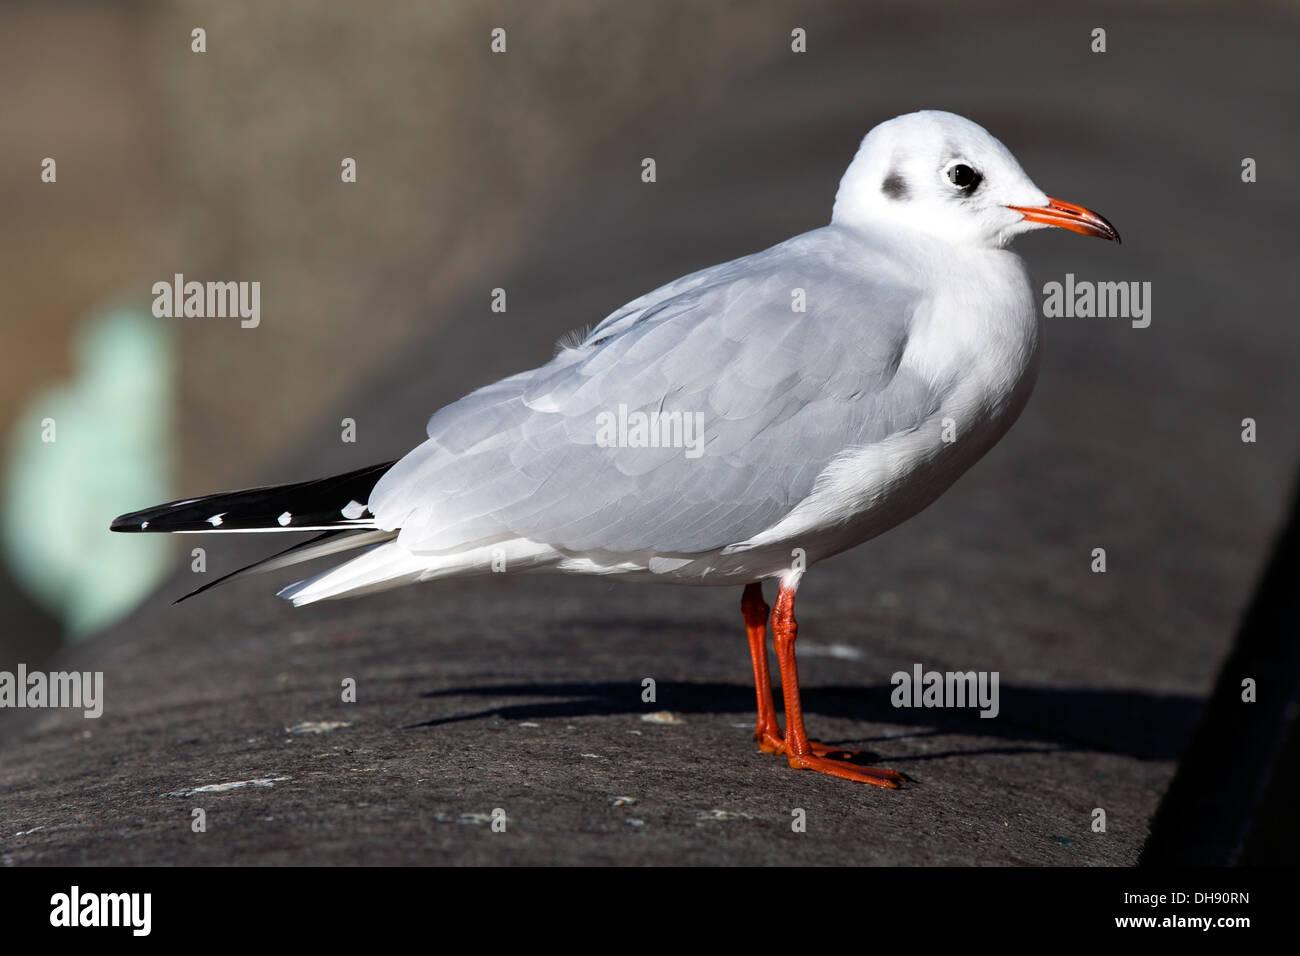 Black-headed gull in winter plumage, River Thames, London, UK. - Stock Image